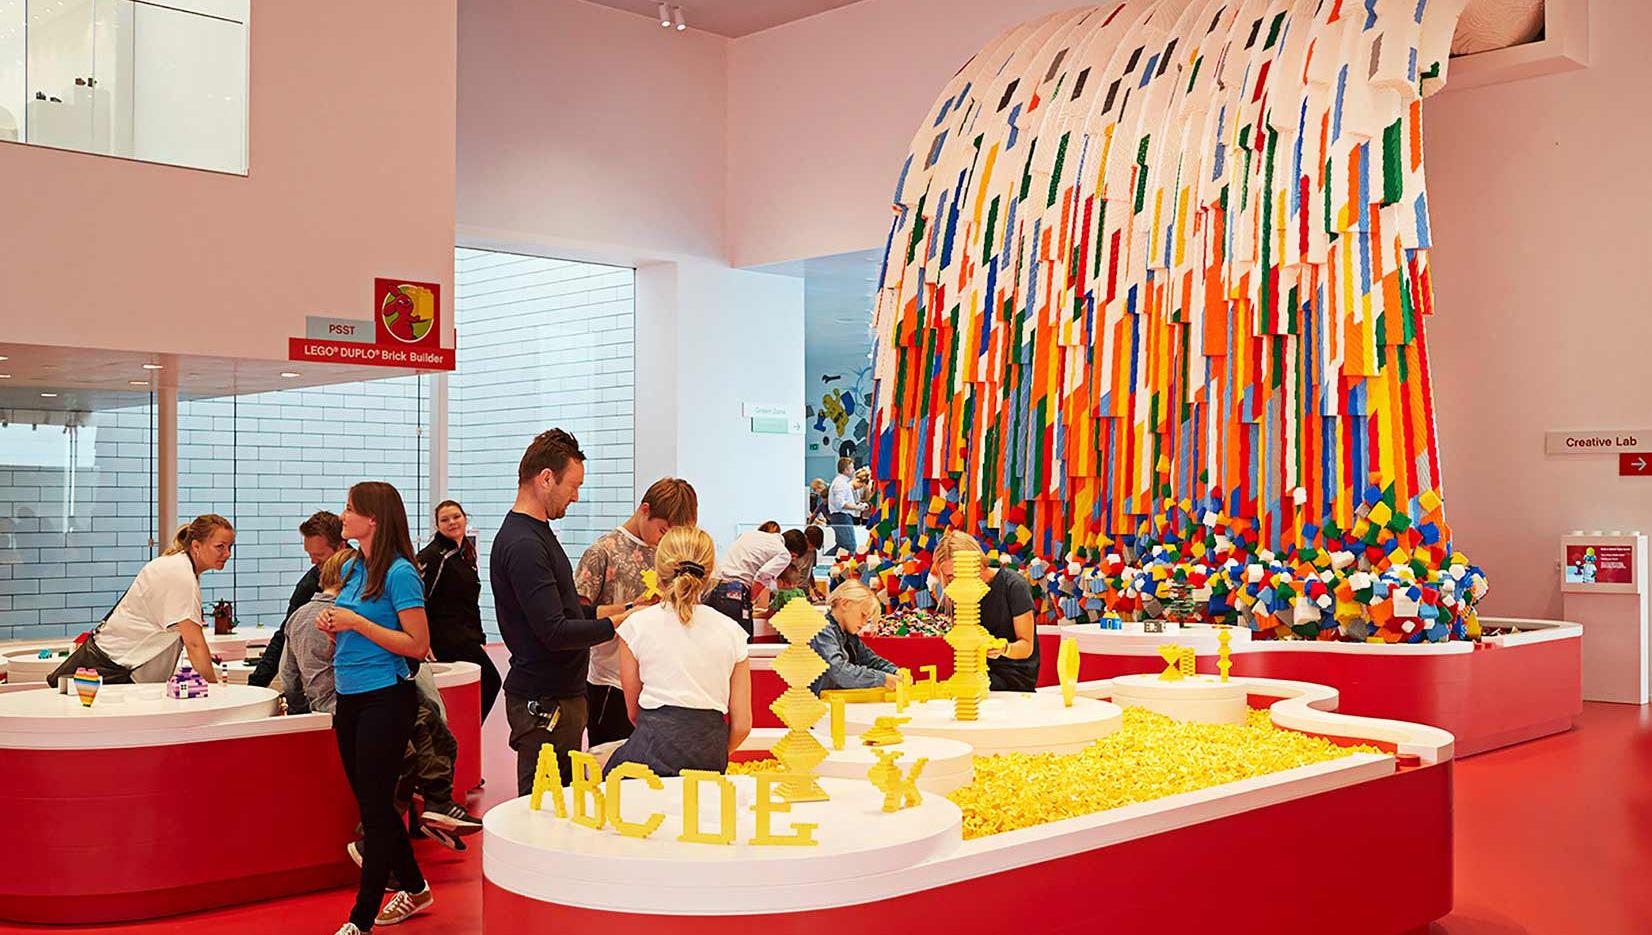 Lego House Home Of The Brick In Billund Eröffnet Parkerlebnisde